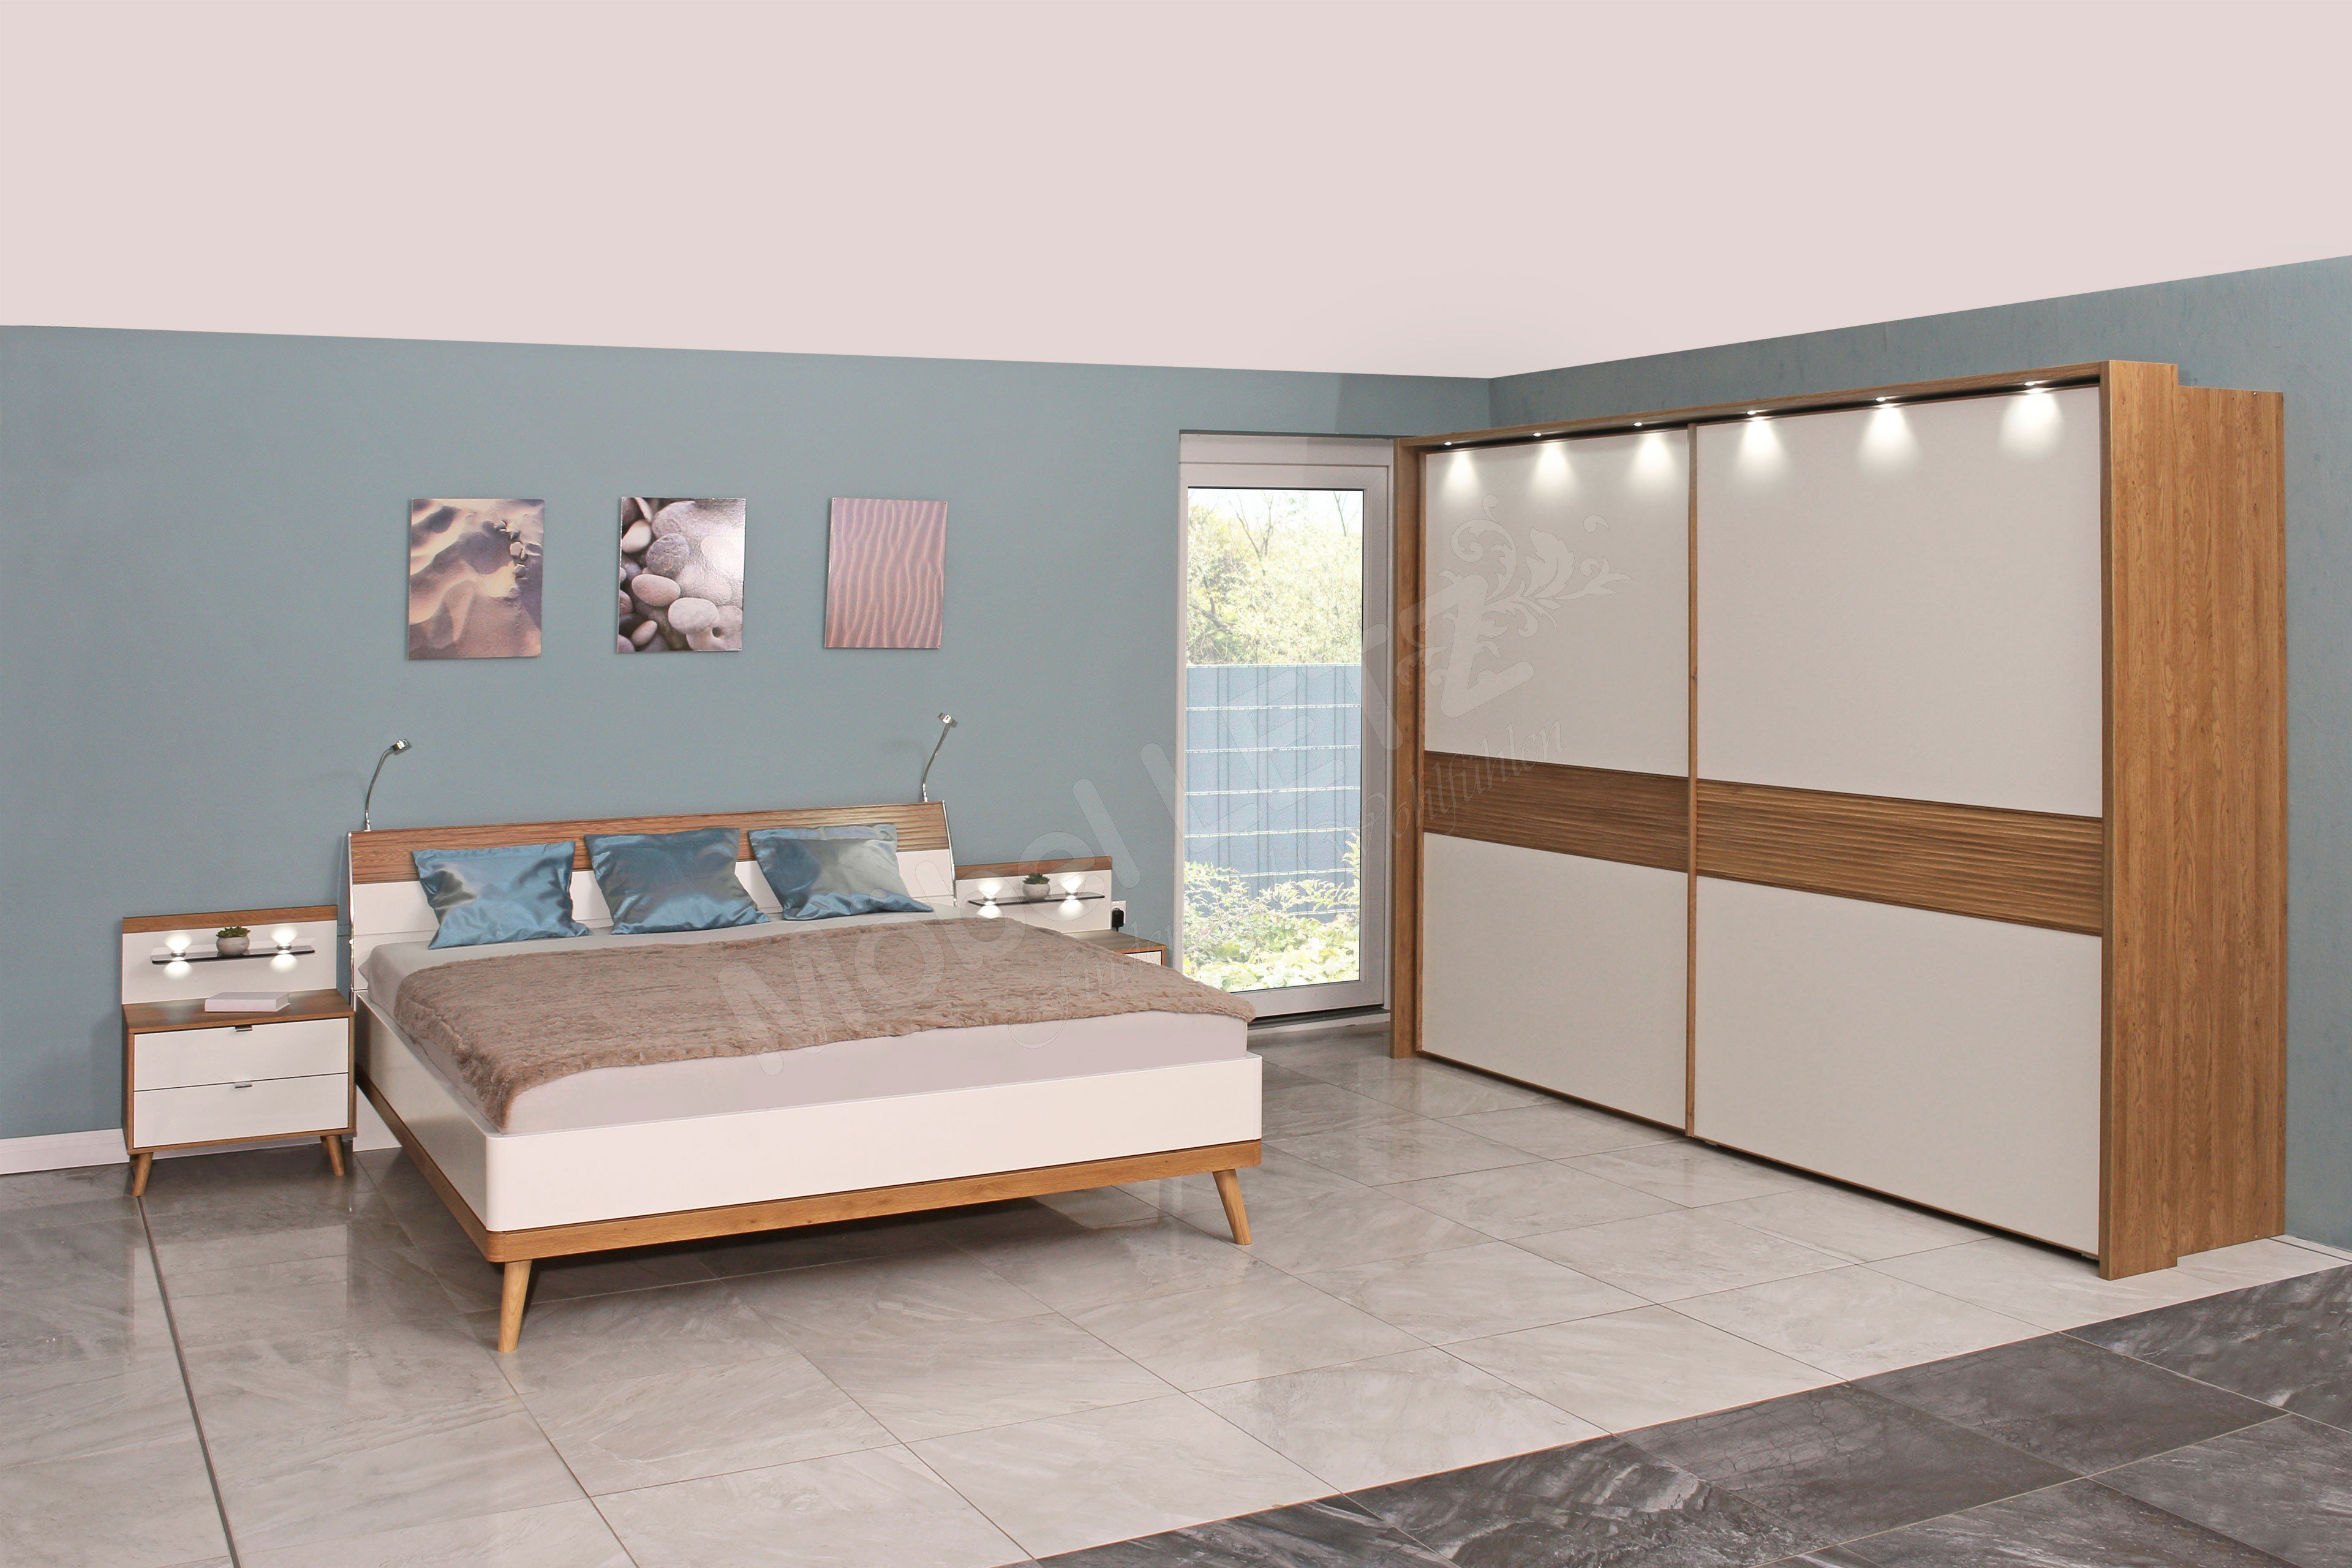 Casada cottage landhaus schlafzimmer mit zubeh r m bel - Schlafzimmer casada ...